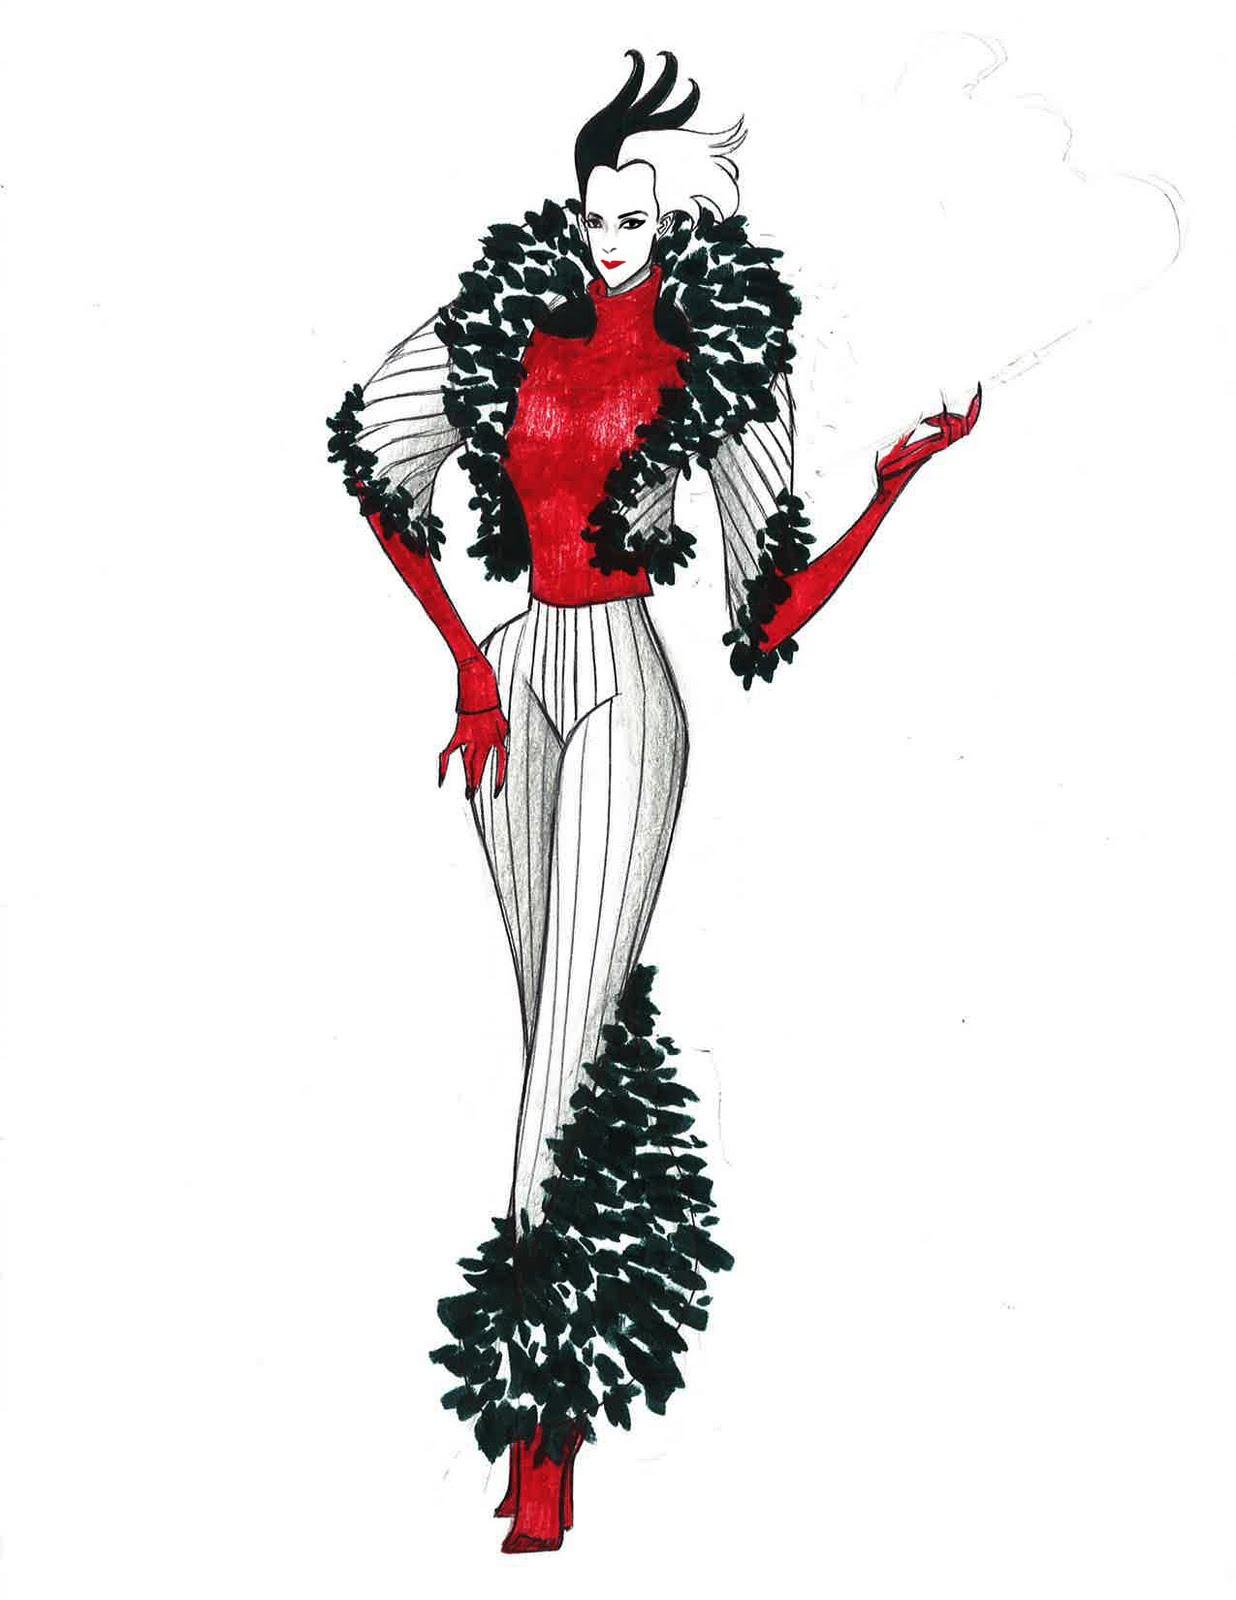 Cruella de vil fashion